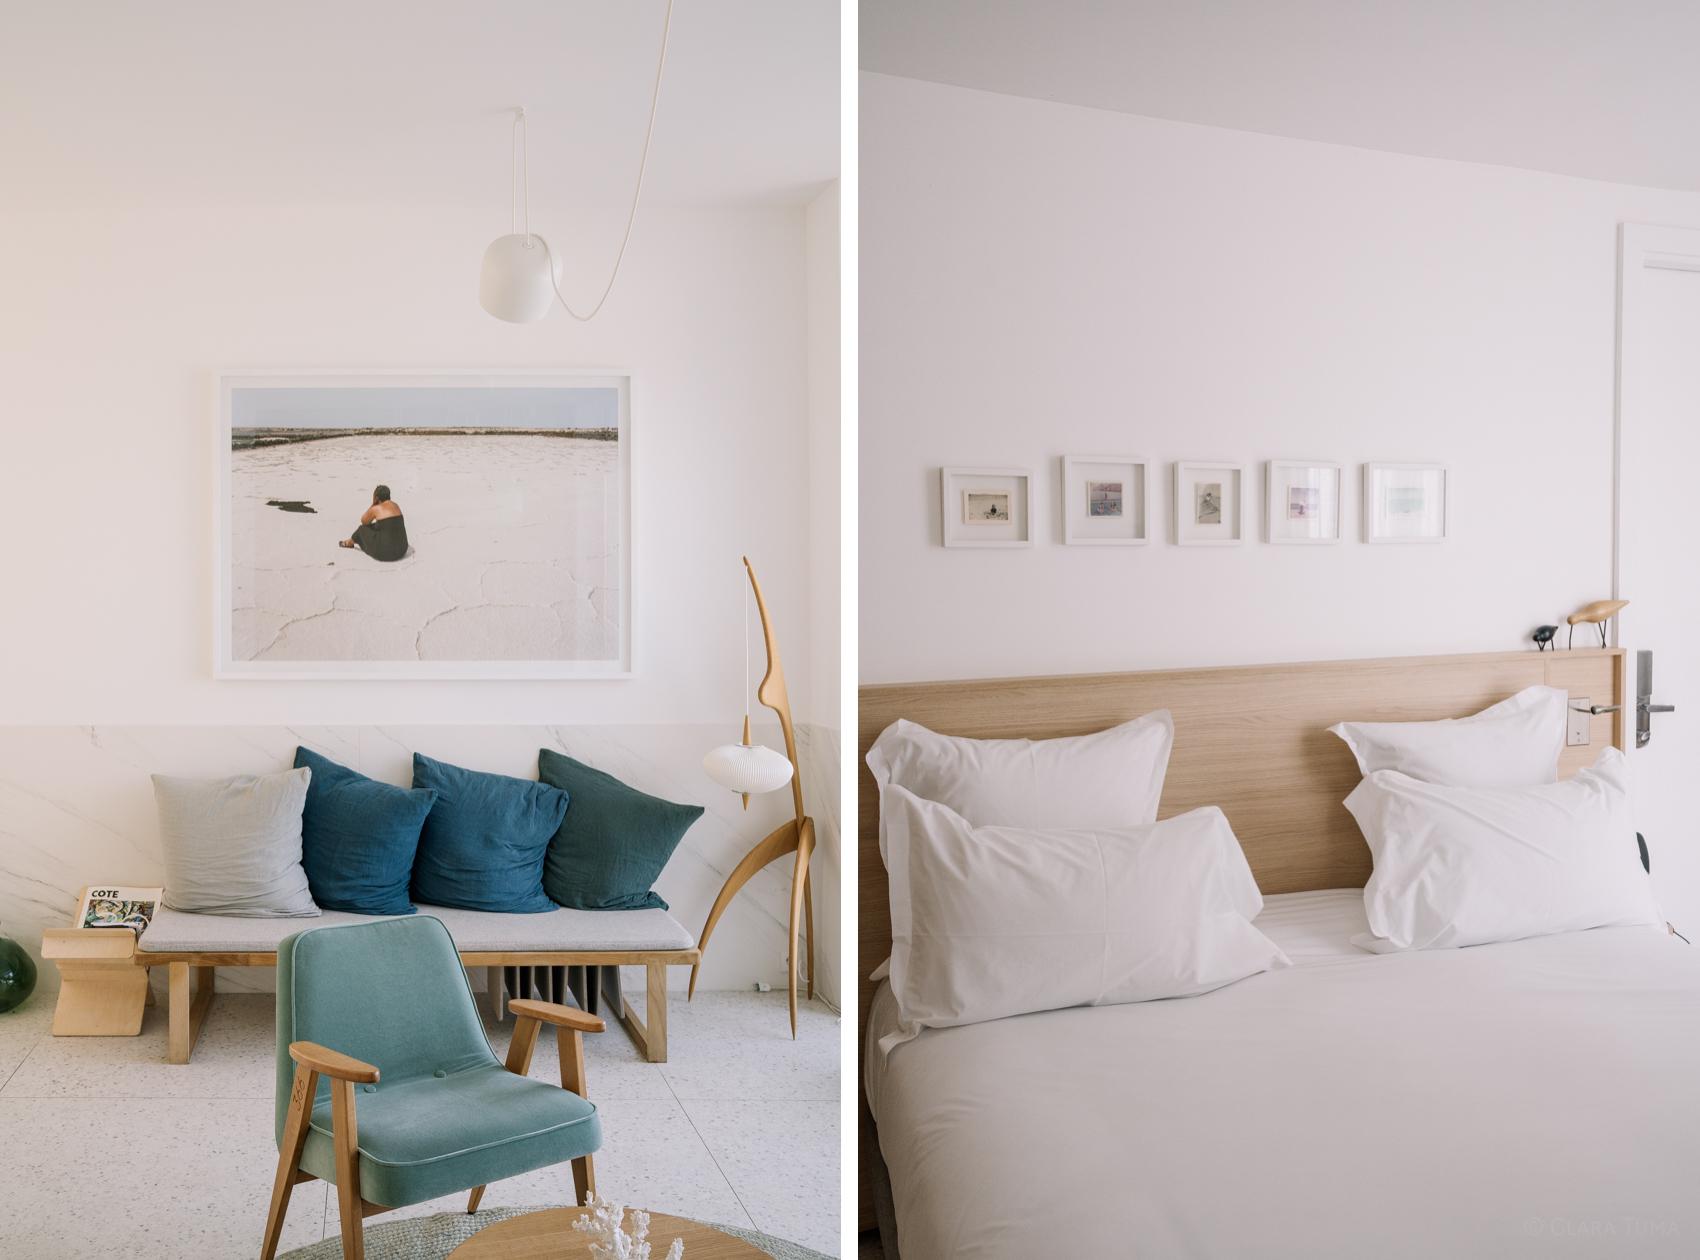 TRAVEL-Photography-provence-hotel-restaurant-interior-Les-Bords-de-Mer-Clara-Tuma_005.jpg